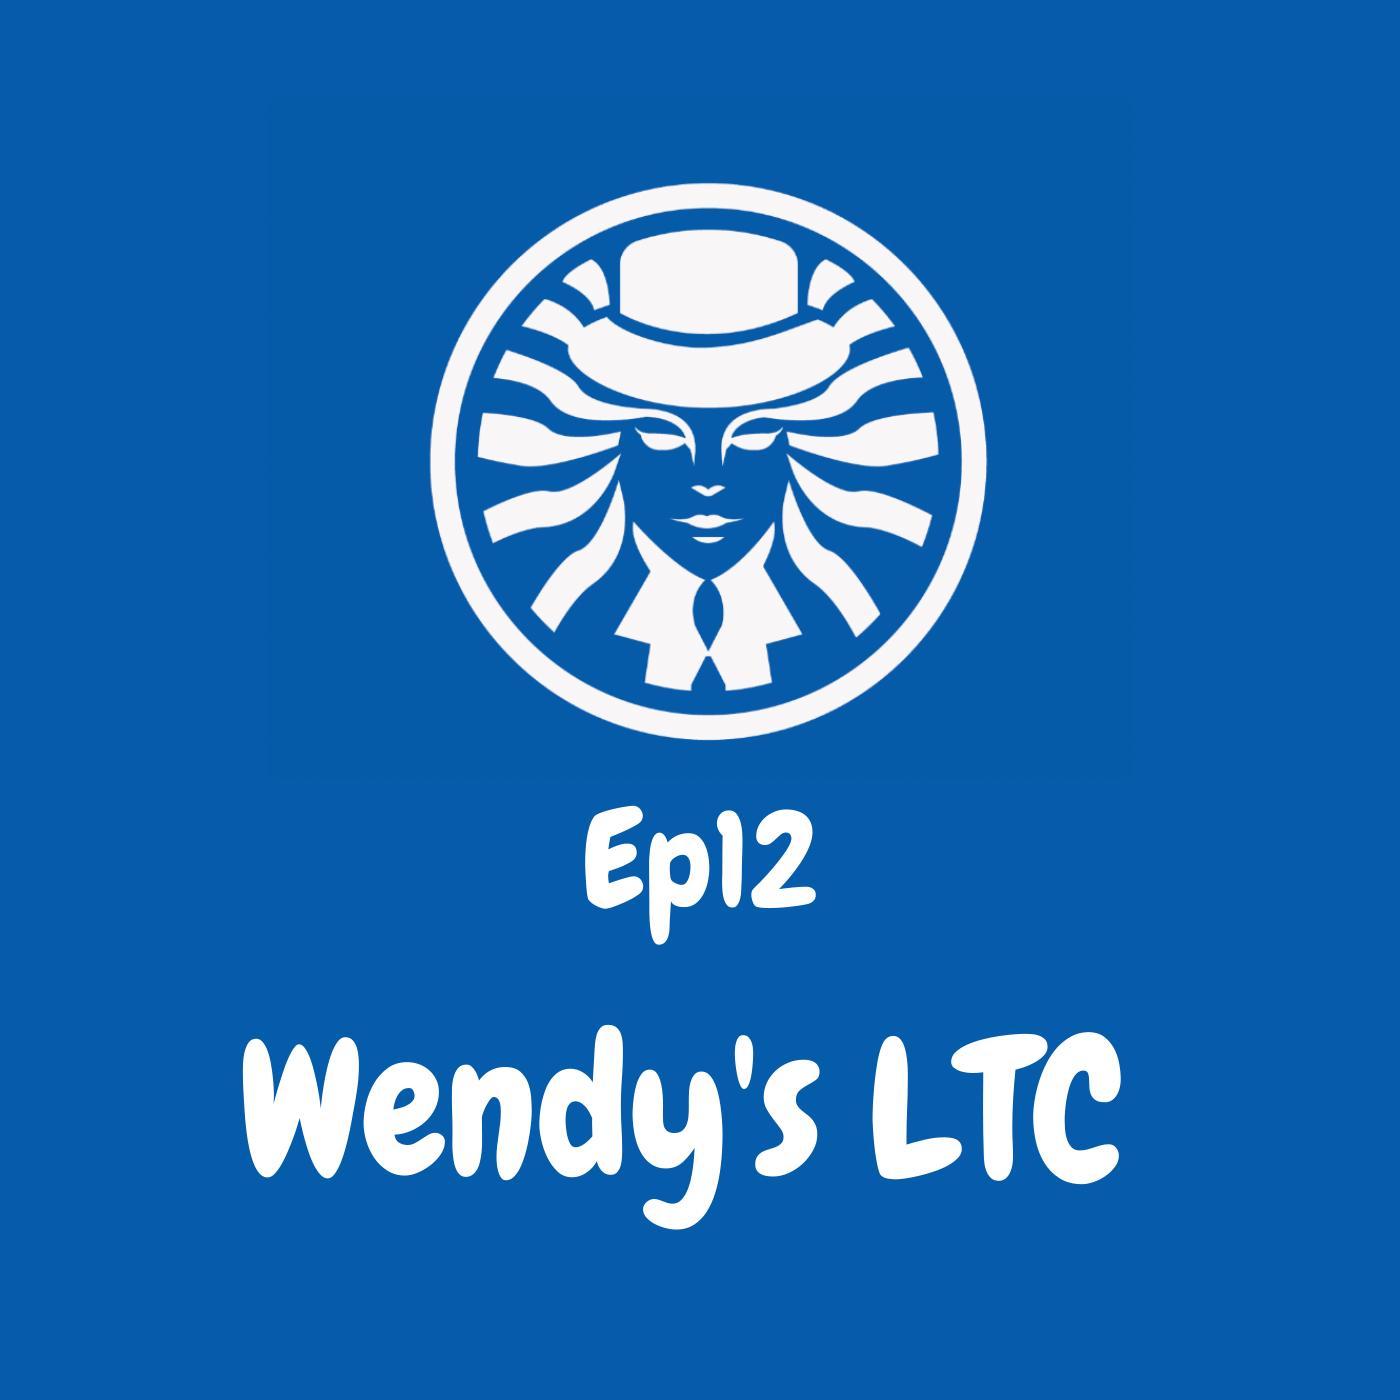 EP12 特別嘉賓《溫蒂食堂》創辦人溫蒂媽媽來到廣播間,讓大家聽聽長照者的心聲!